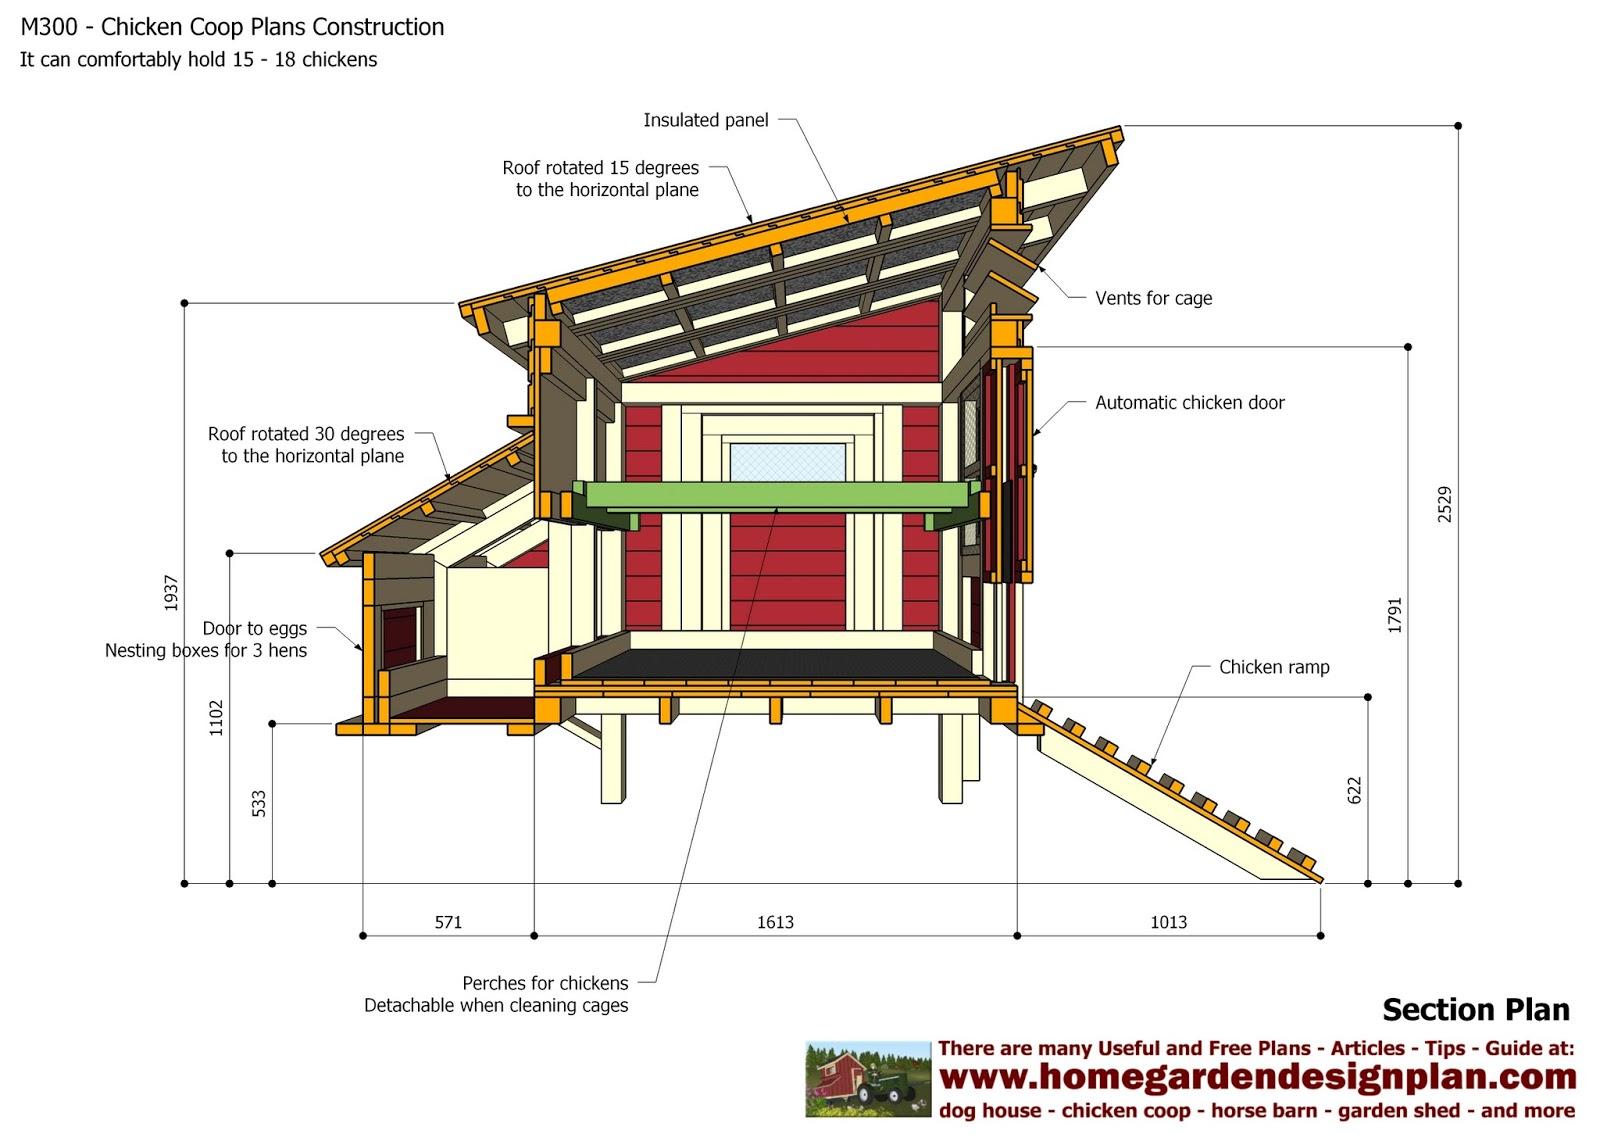 Home garden plans m300 chicken coop plans chicken for Chicken hutch design